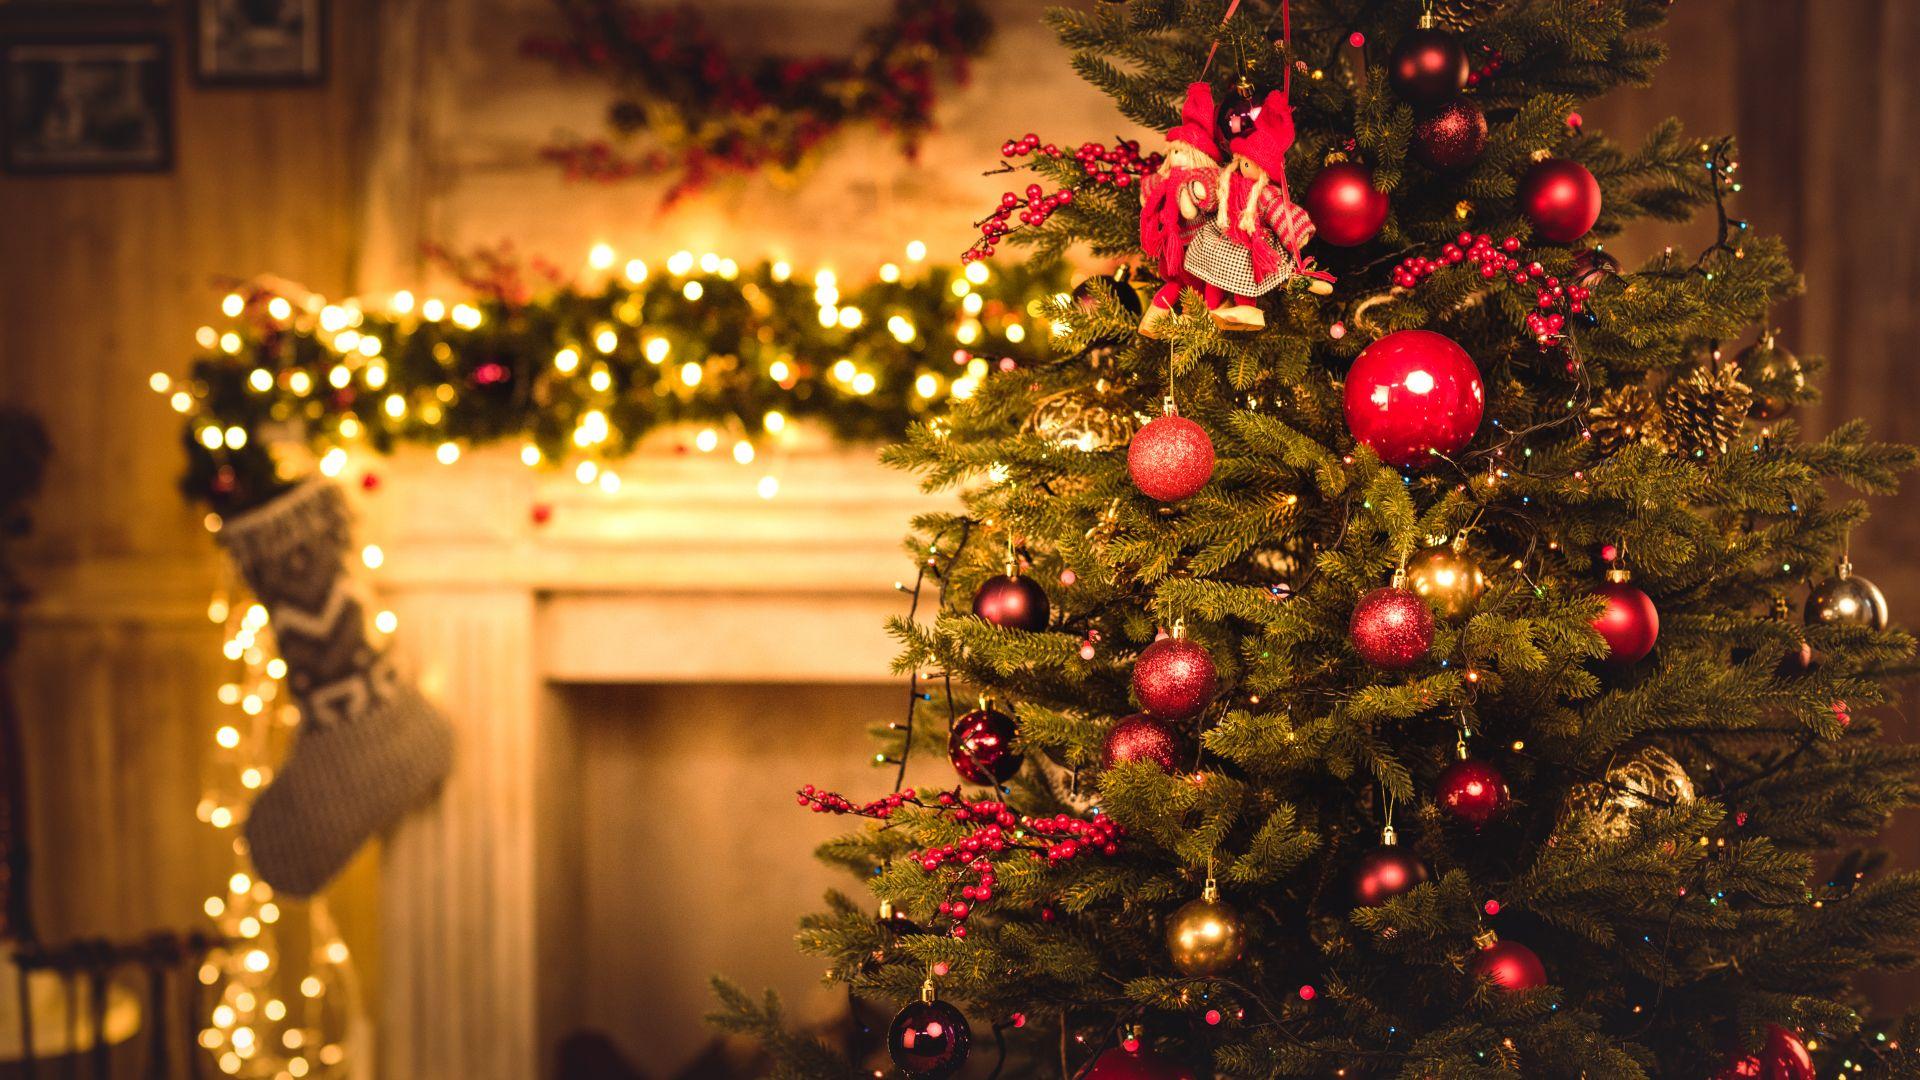 широкоформатные картинки елка новогодняя жена изменяет негром